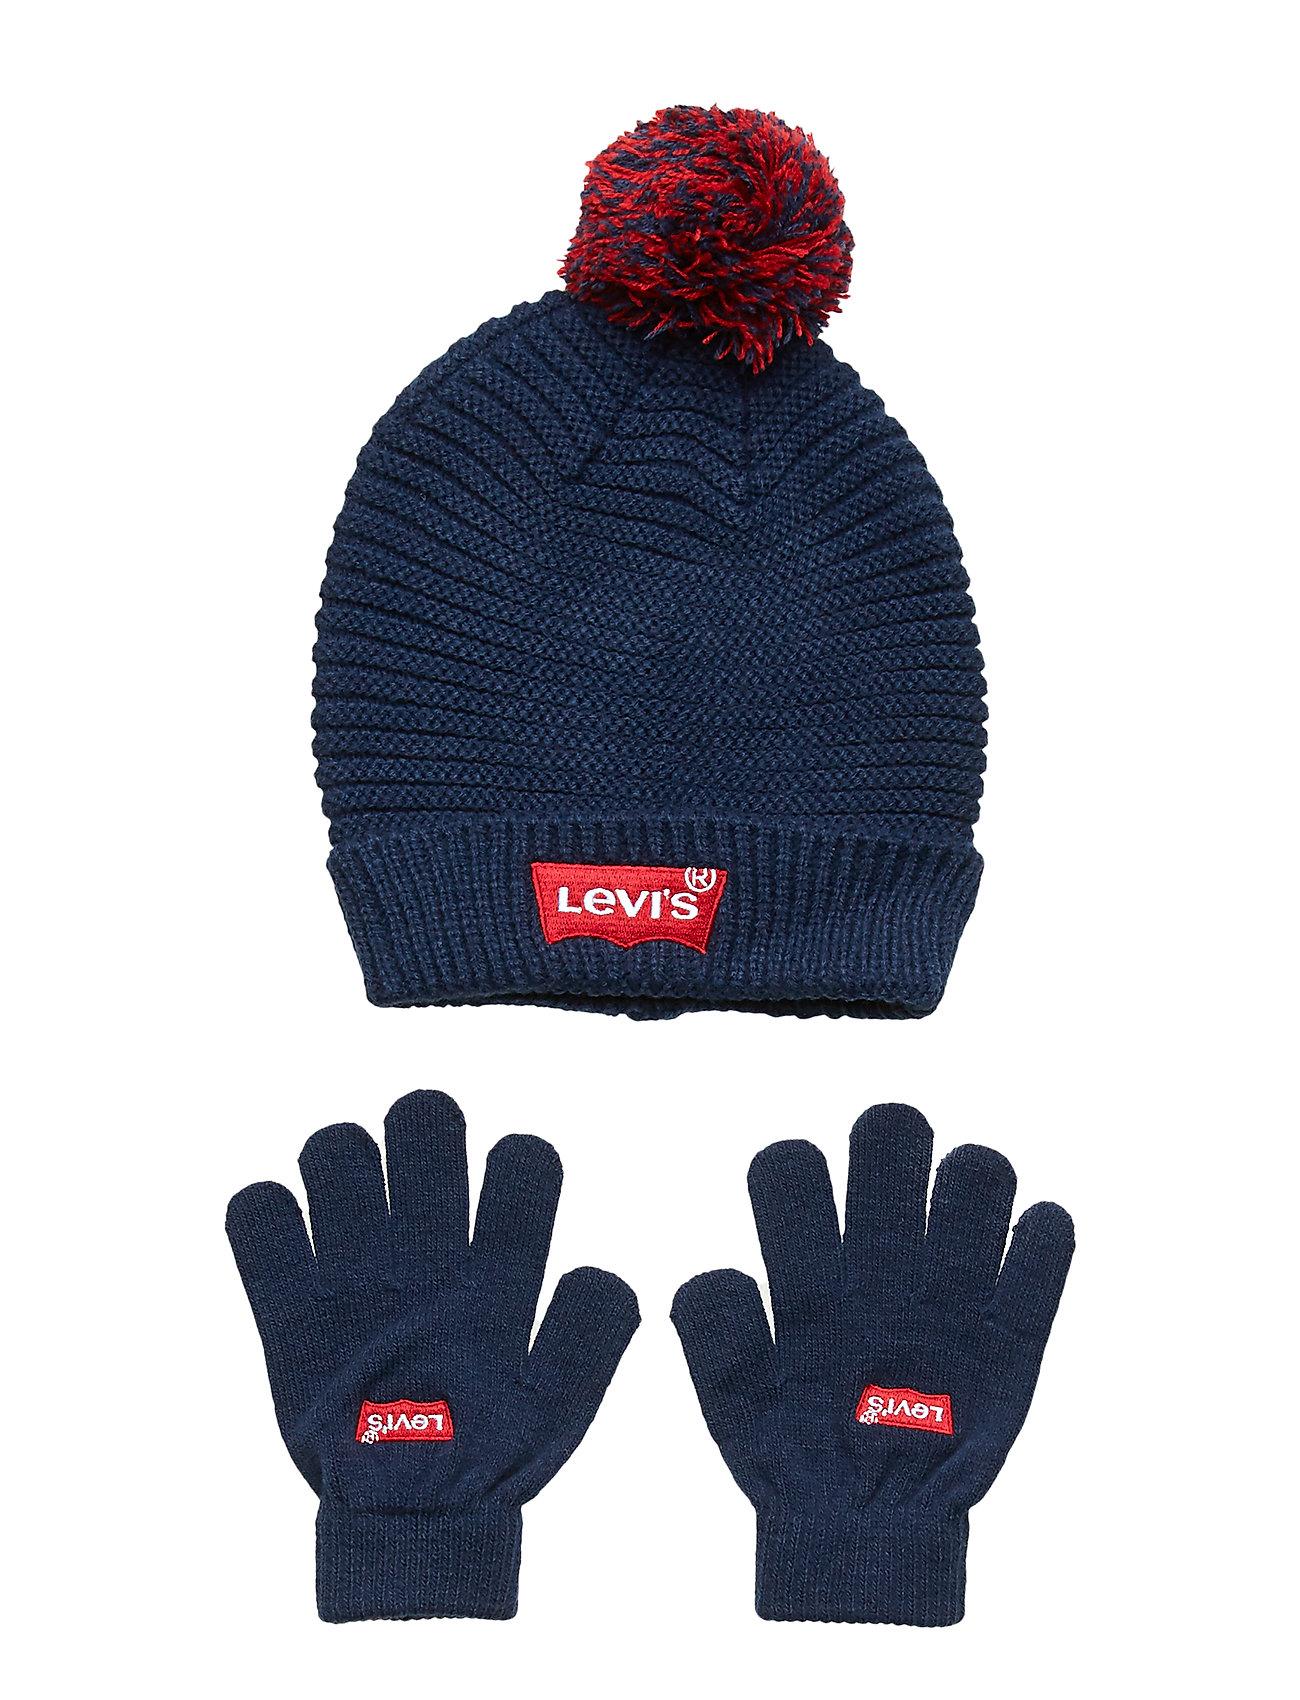 Levi's HAT MITTENS - DRESS BLUES